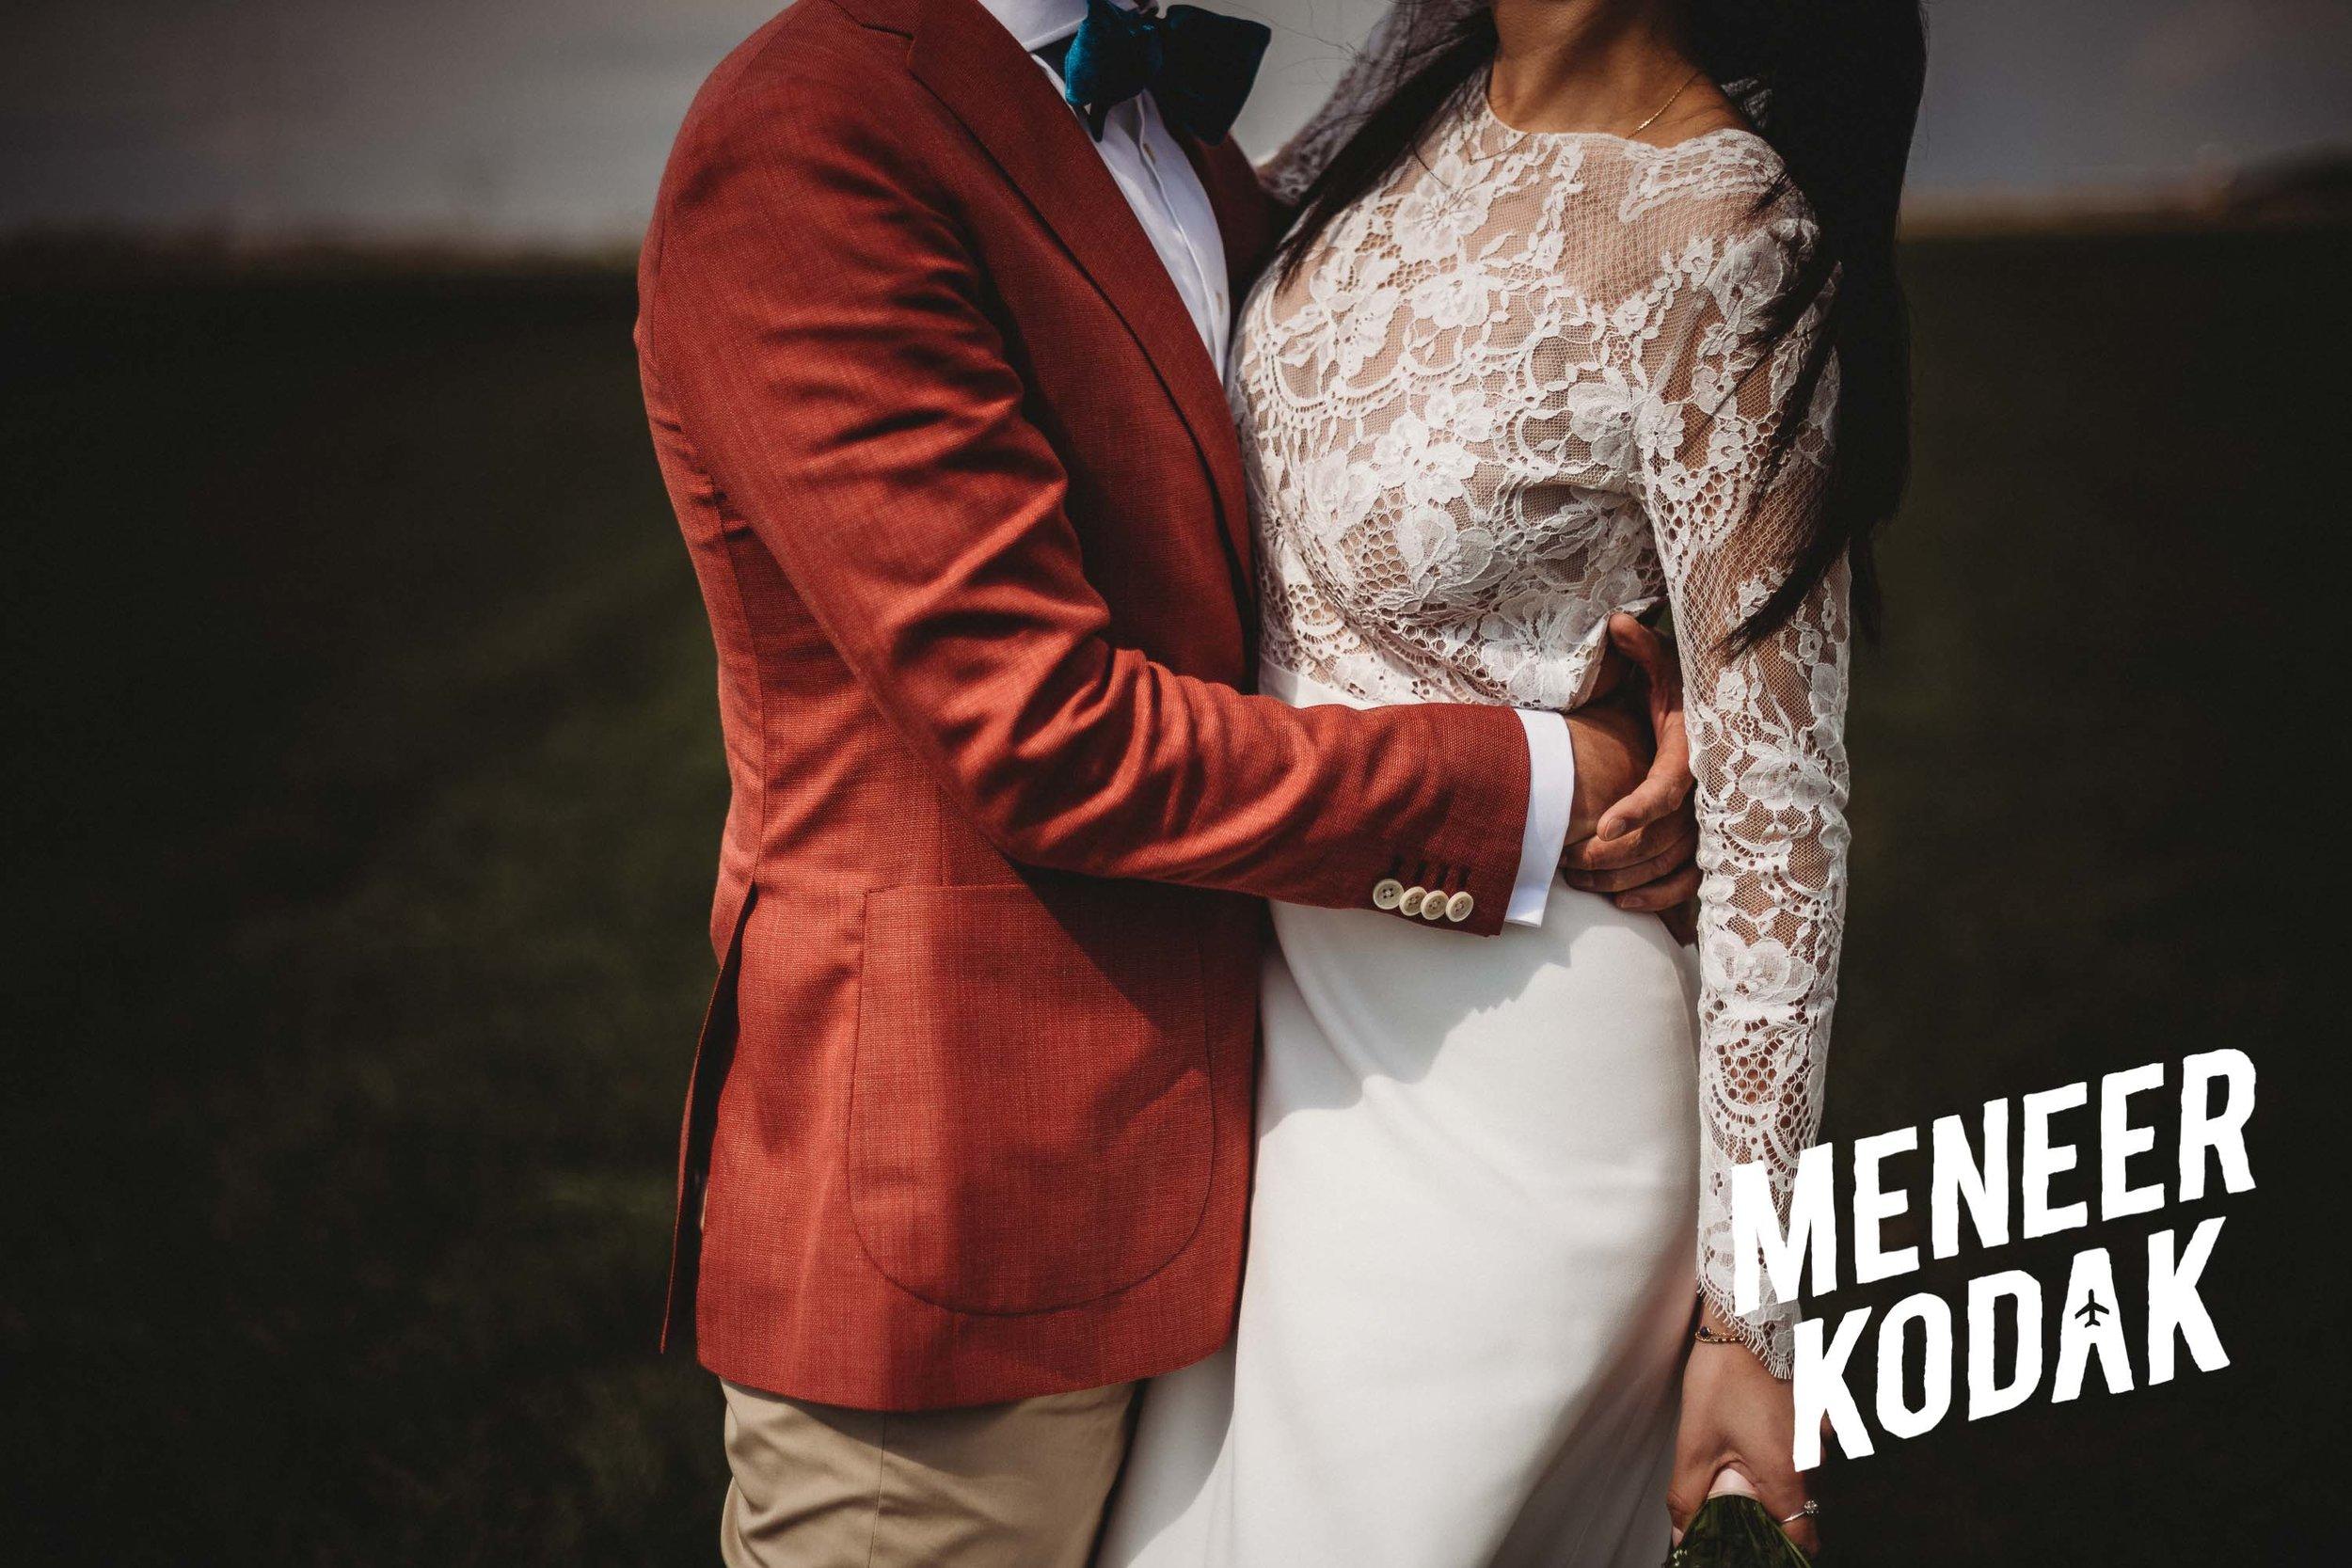 Meneer Kodak - Bruidsfotograaf - Amsterdam - M&J-030.jpg